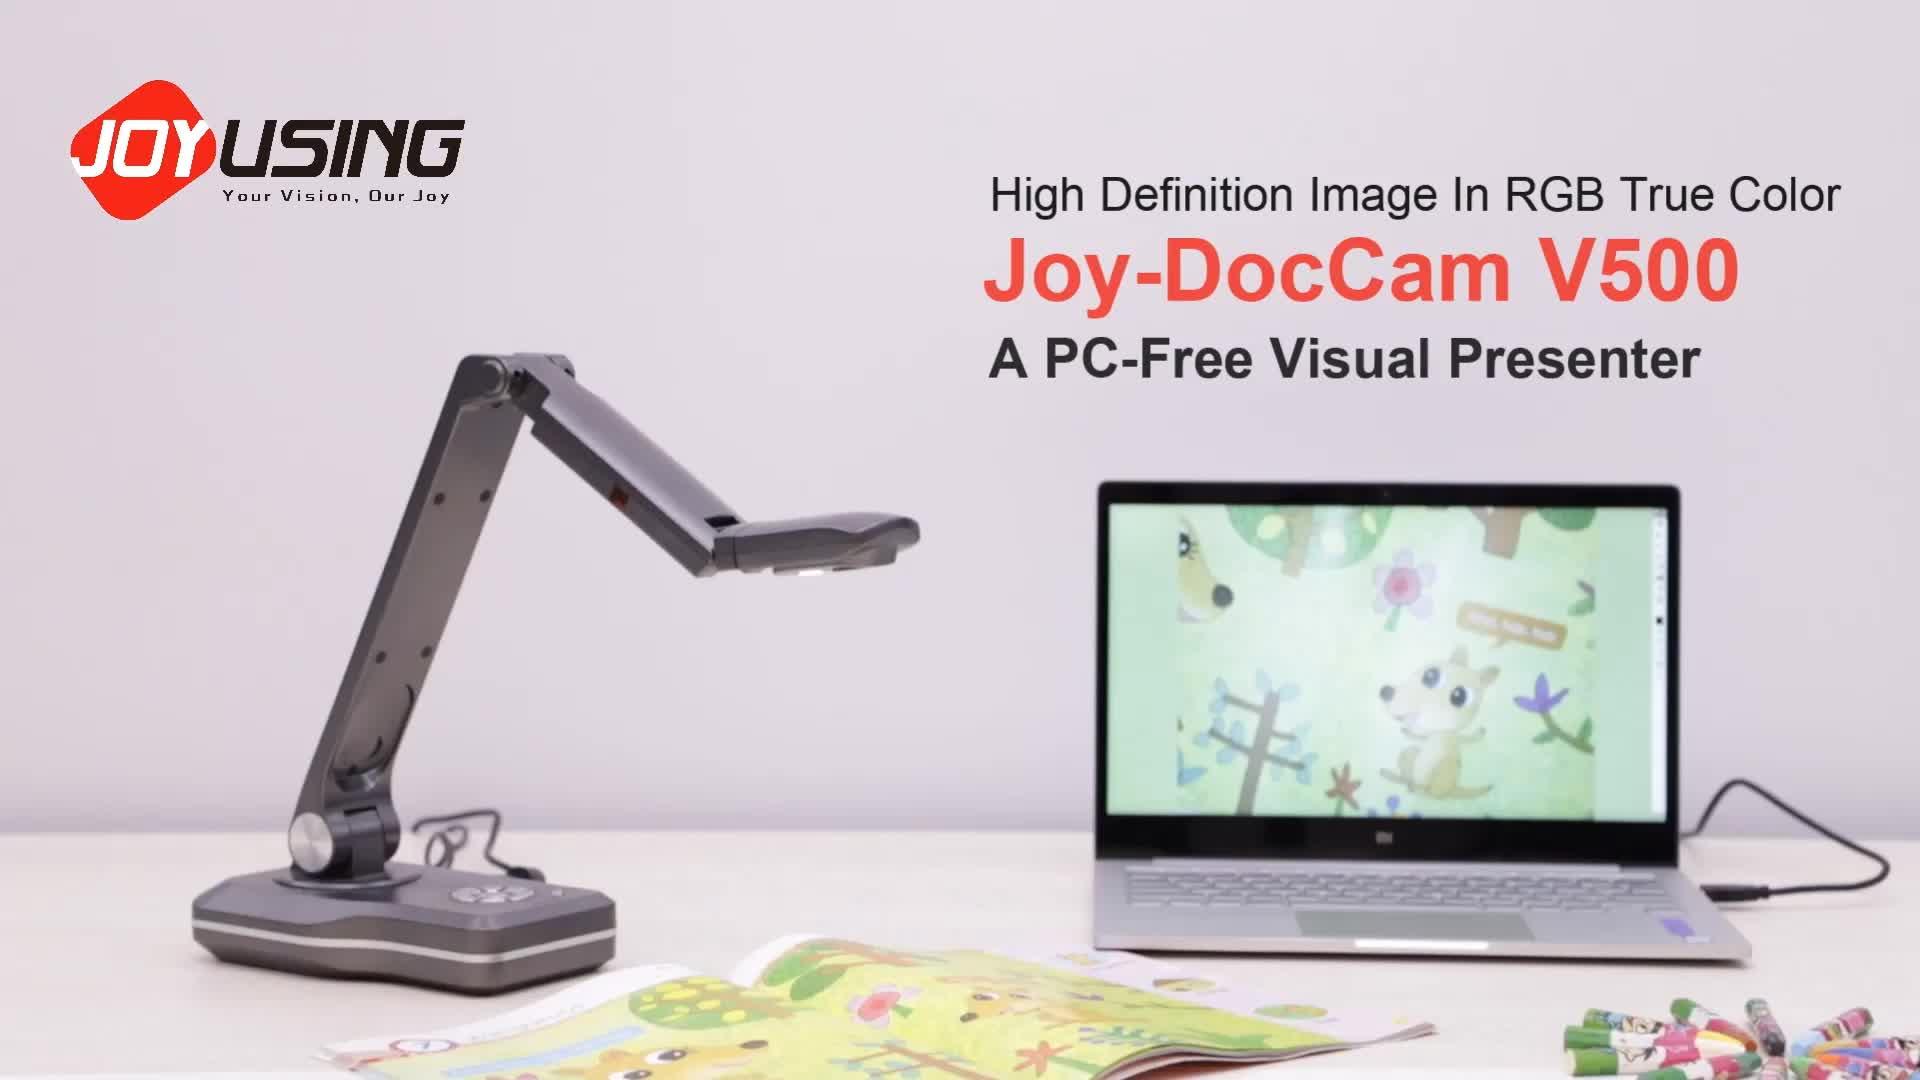 A3 Papier Scannen Bewerkbare PDF Document Scanner 100x Digitale Zoom voor Capture Duidelijk Beeld